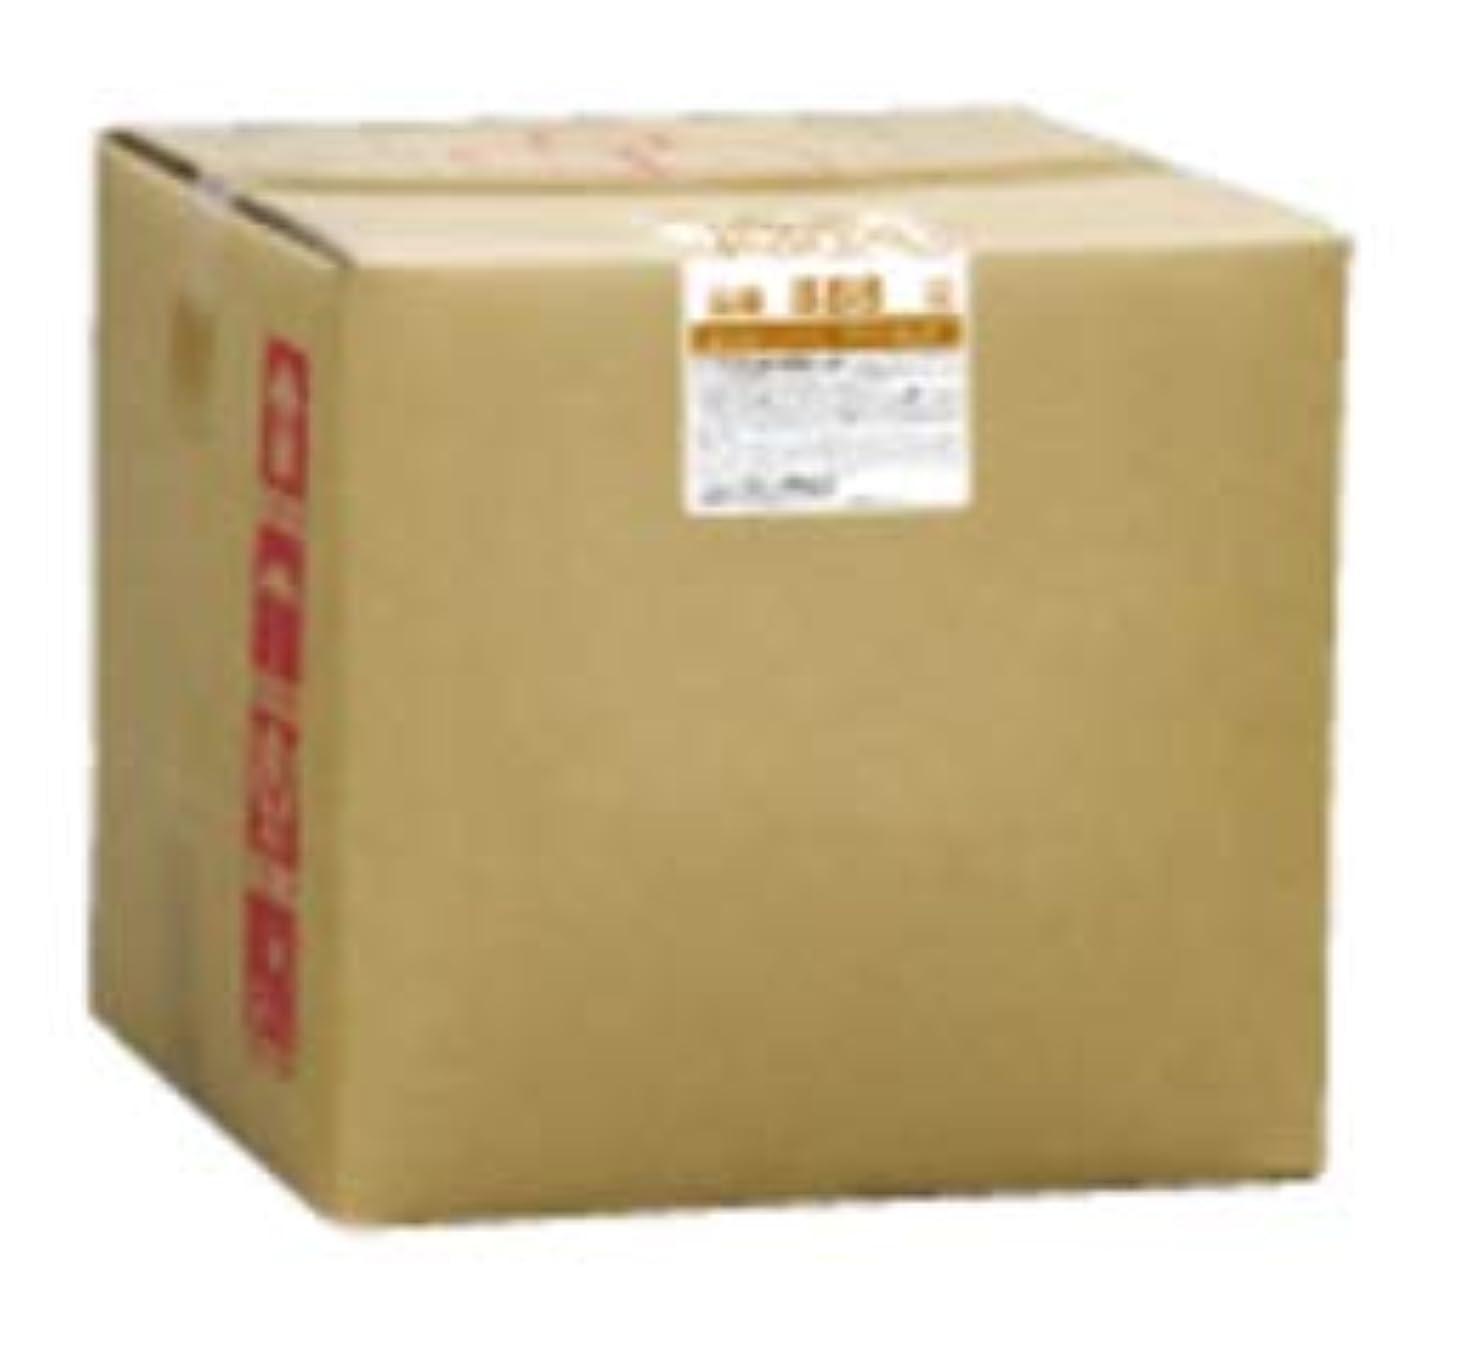 それに応じてへこみそれらフタバ化学 ラコンサ RakhOansat コンディショナー 18L 詰め替え 480ml専用空容器付